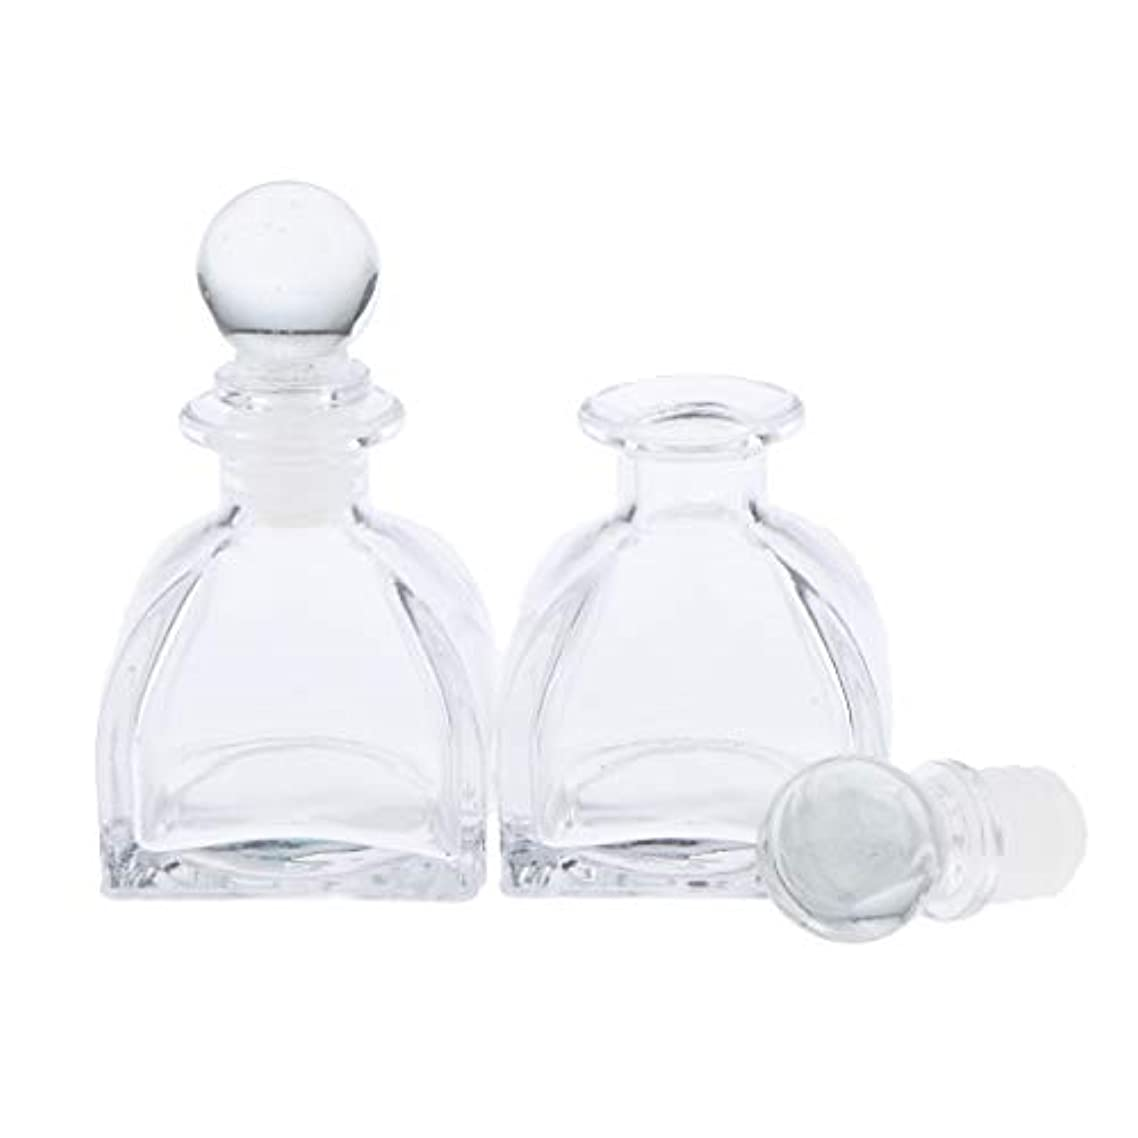 書き出す麻痺ハウスPerfeclan 2個 全3サイズ 香水ディフューザーボトル ガラスボトル 透明 ローション 化粧品適用 DIY 交換 - 50ミリリットル